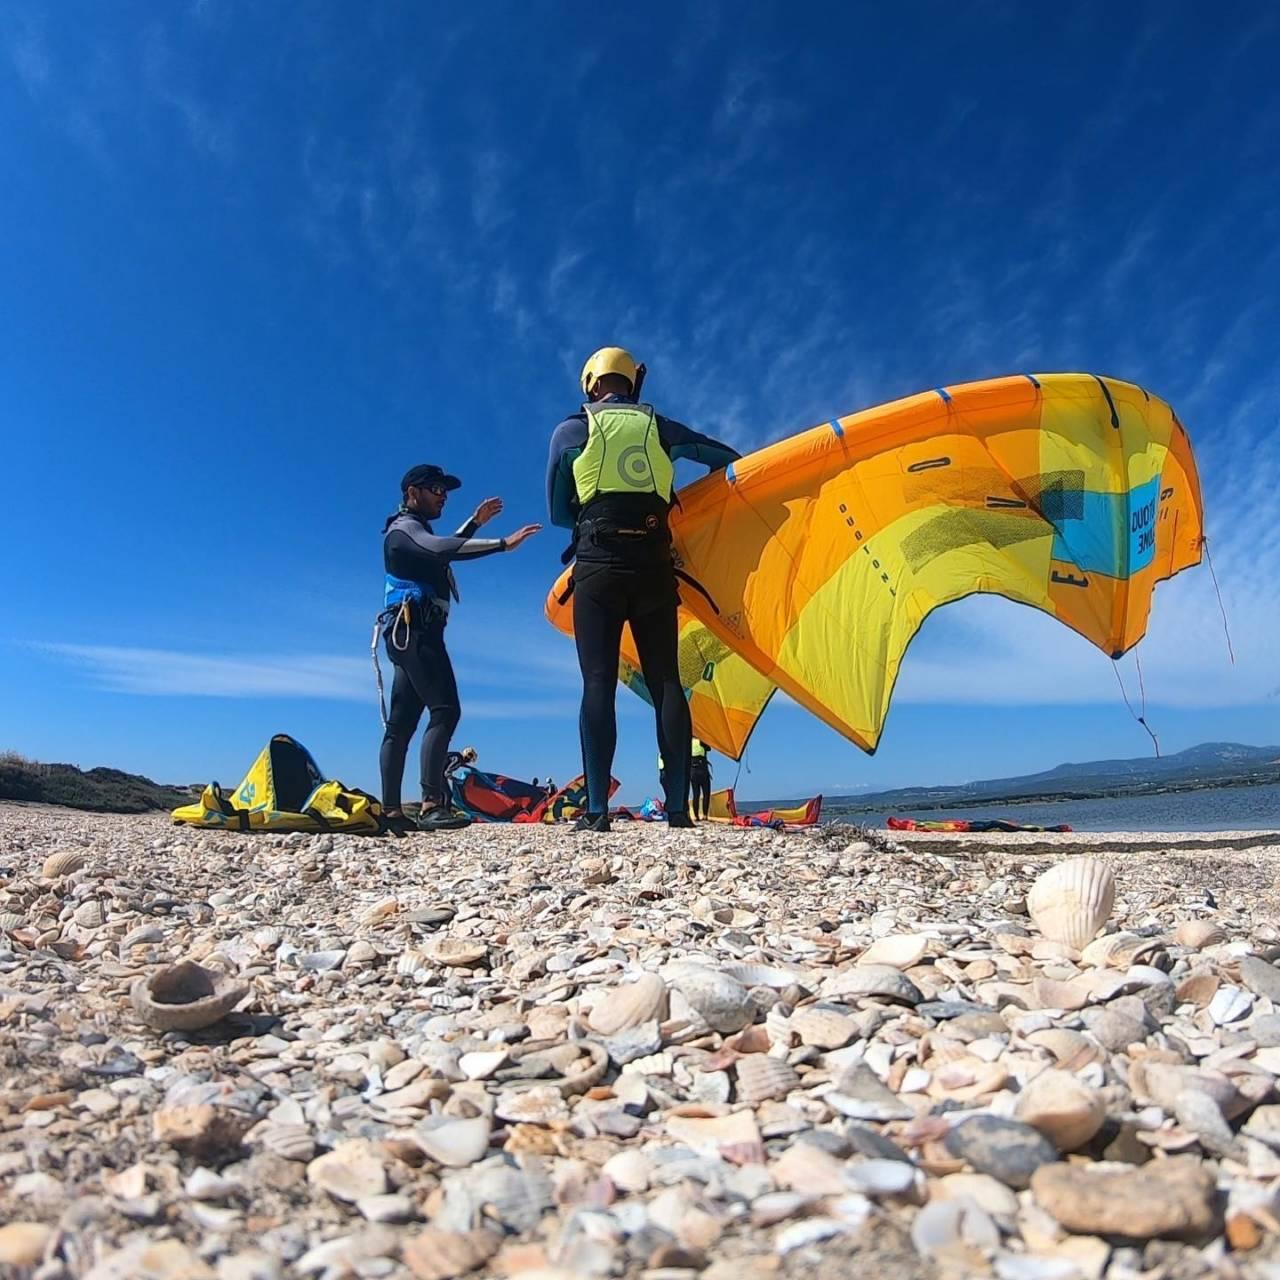 école de kitesurf étang de la palme